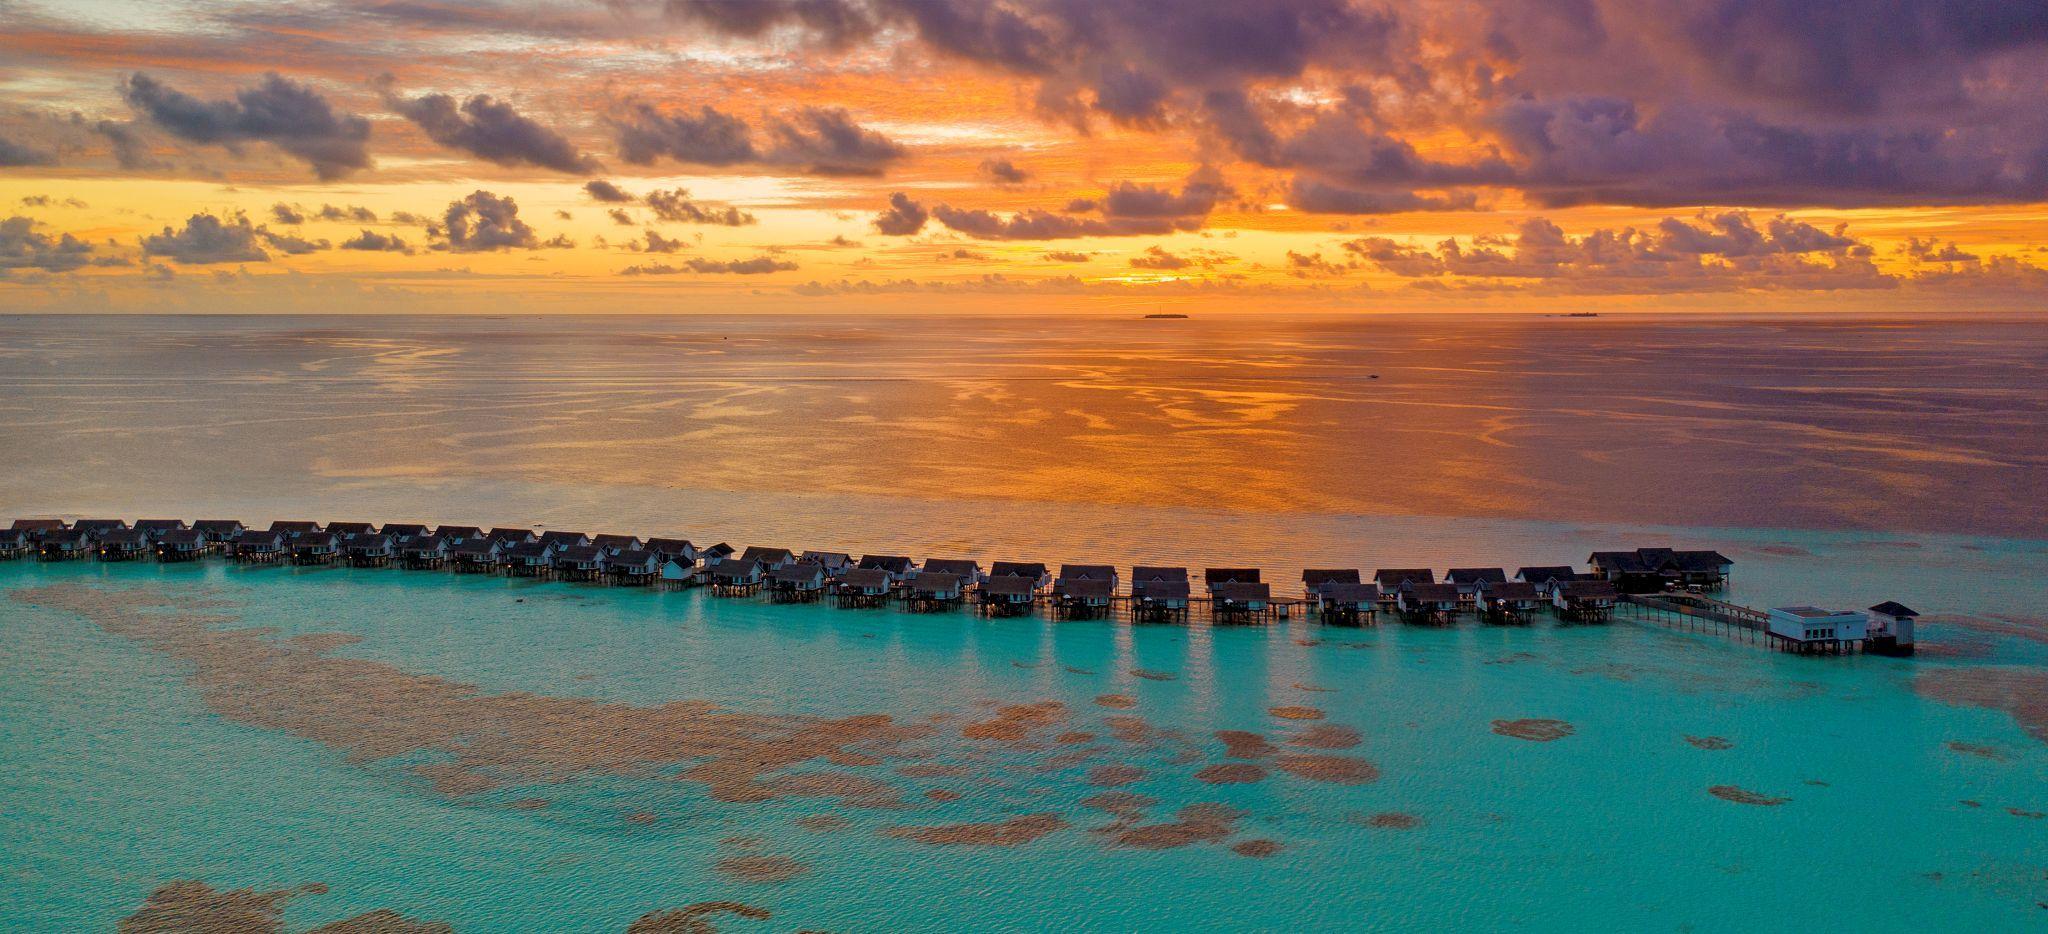 Der Sonnenuntergang über den Wasservillen des Hotels OZEN auf den Malediven